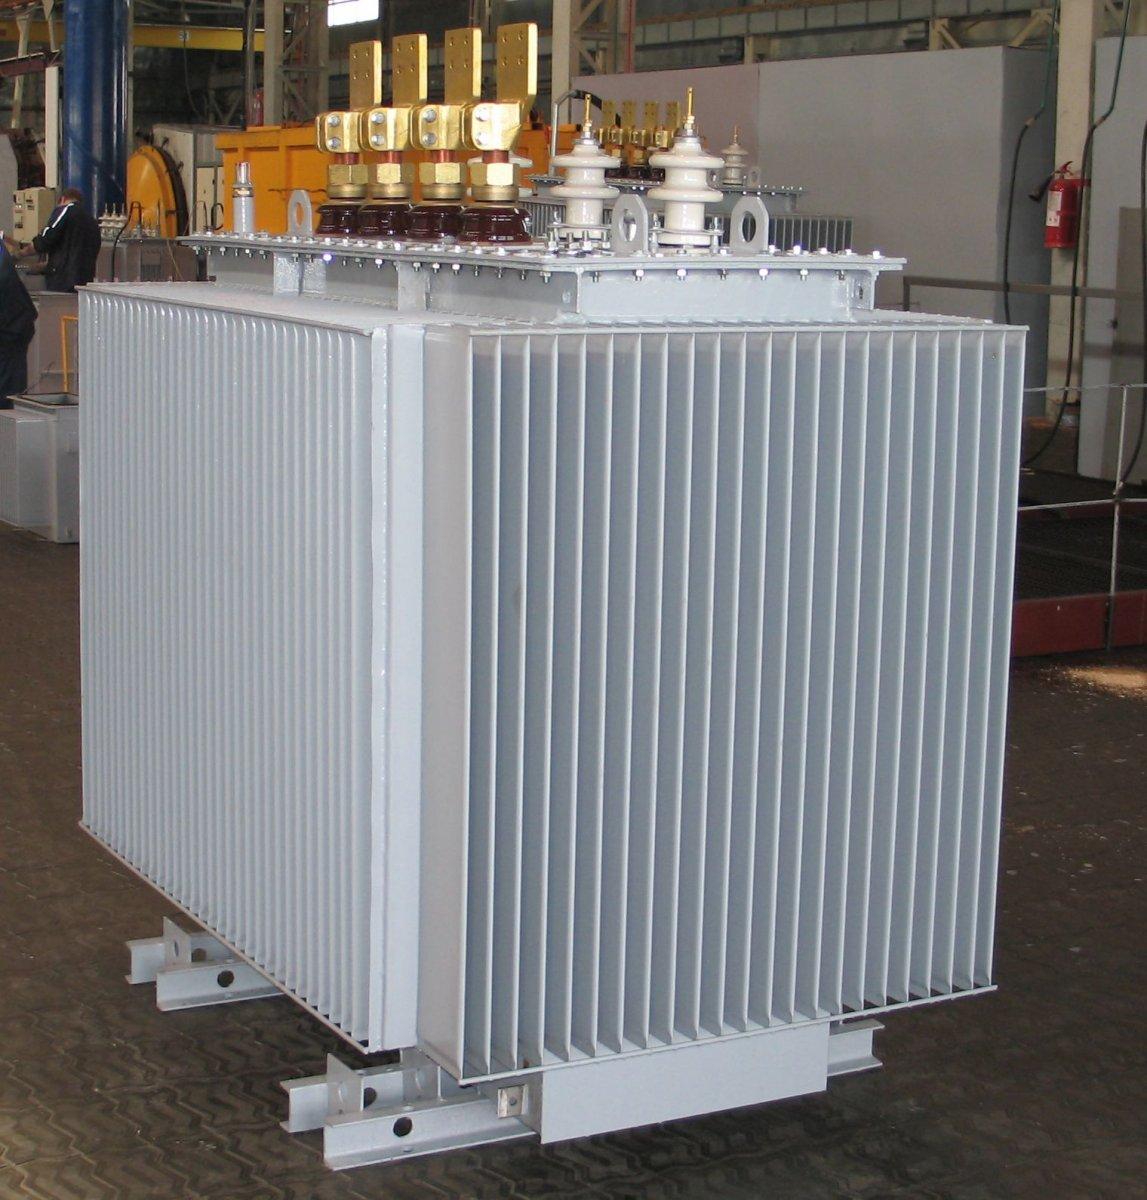 Выбор трансформаторов для цеховых подстанций до 2500кВА, формулы, примеры